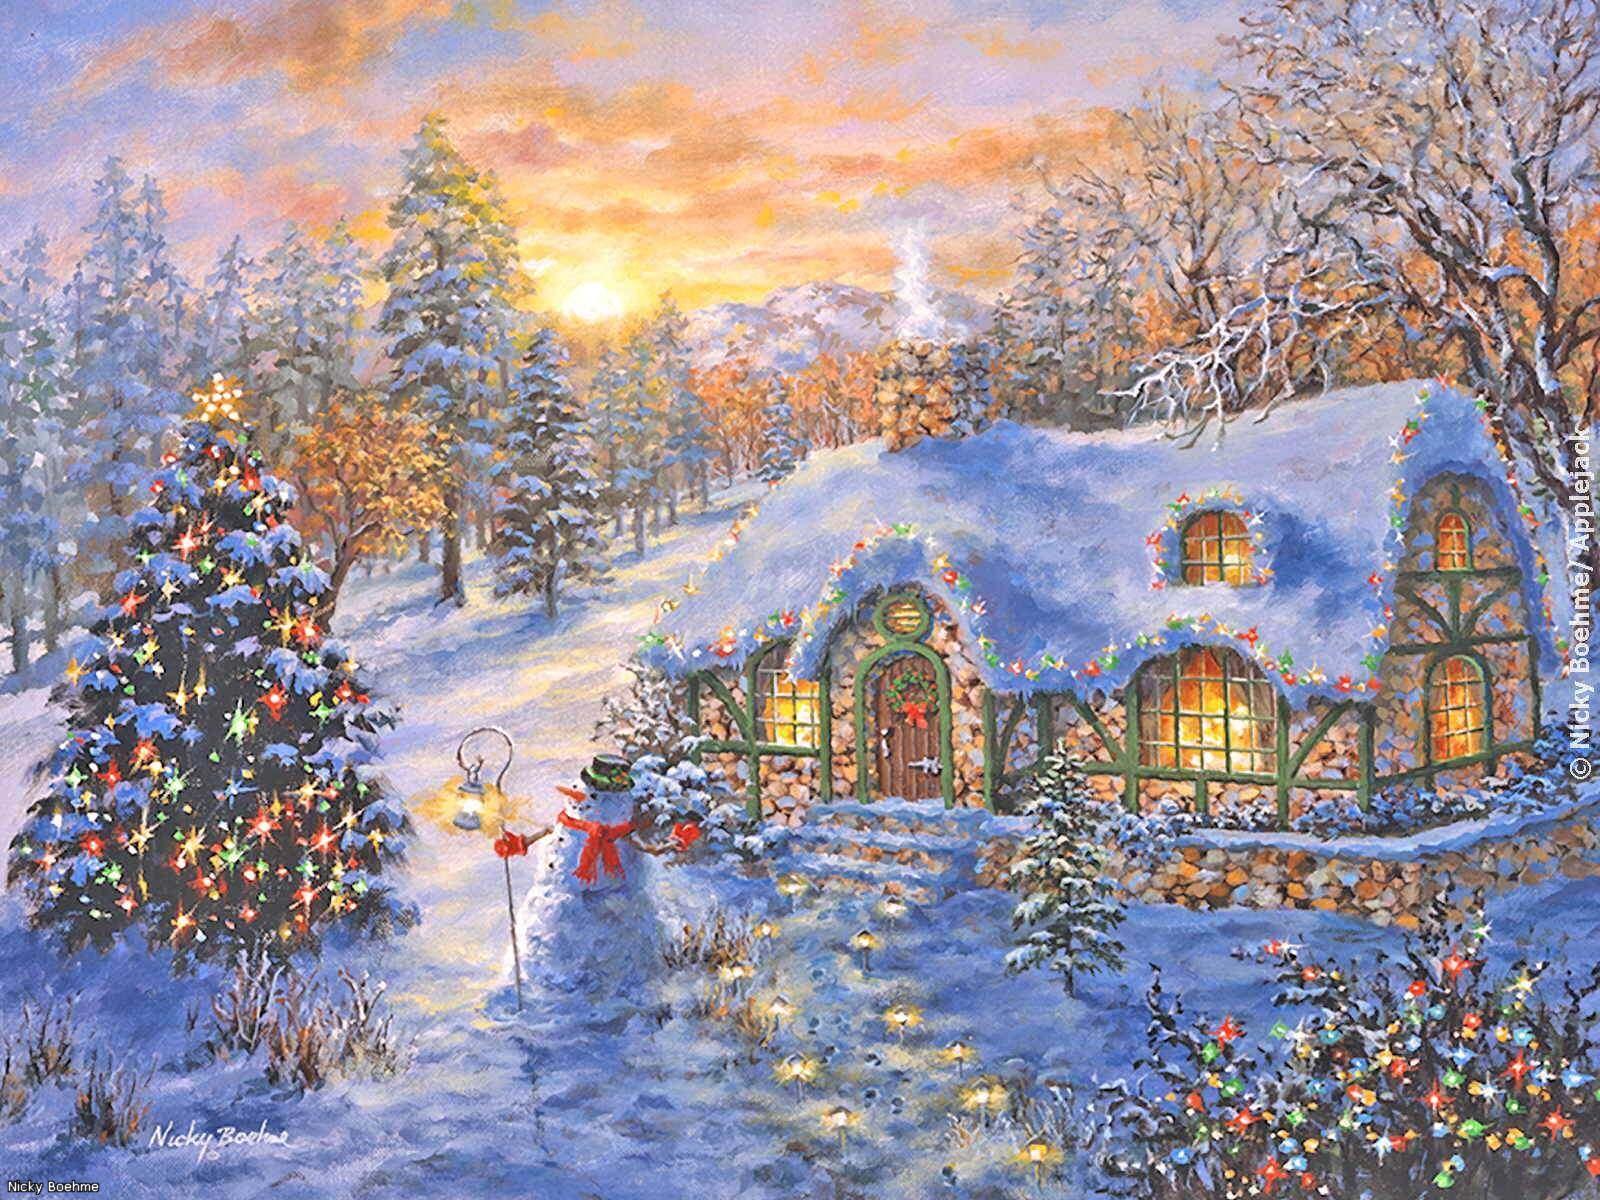 поклонник европейской зимняя новогодняя картина рисунок создавать открытки